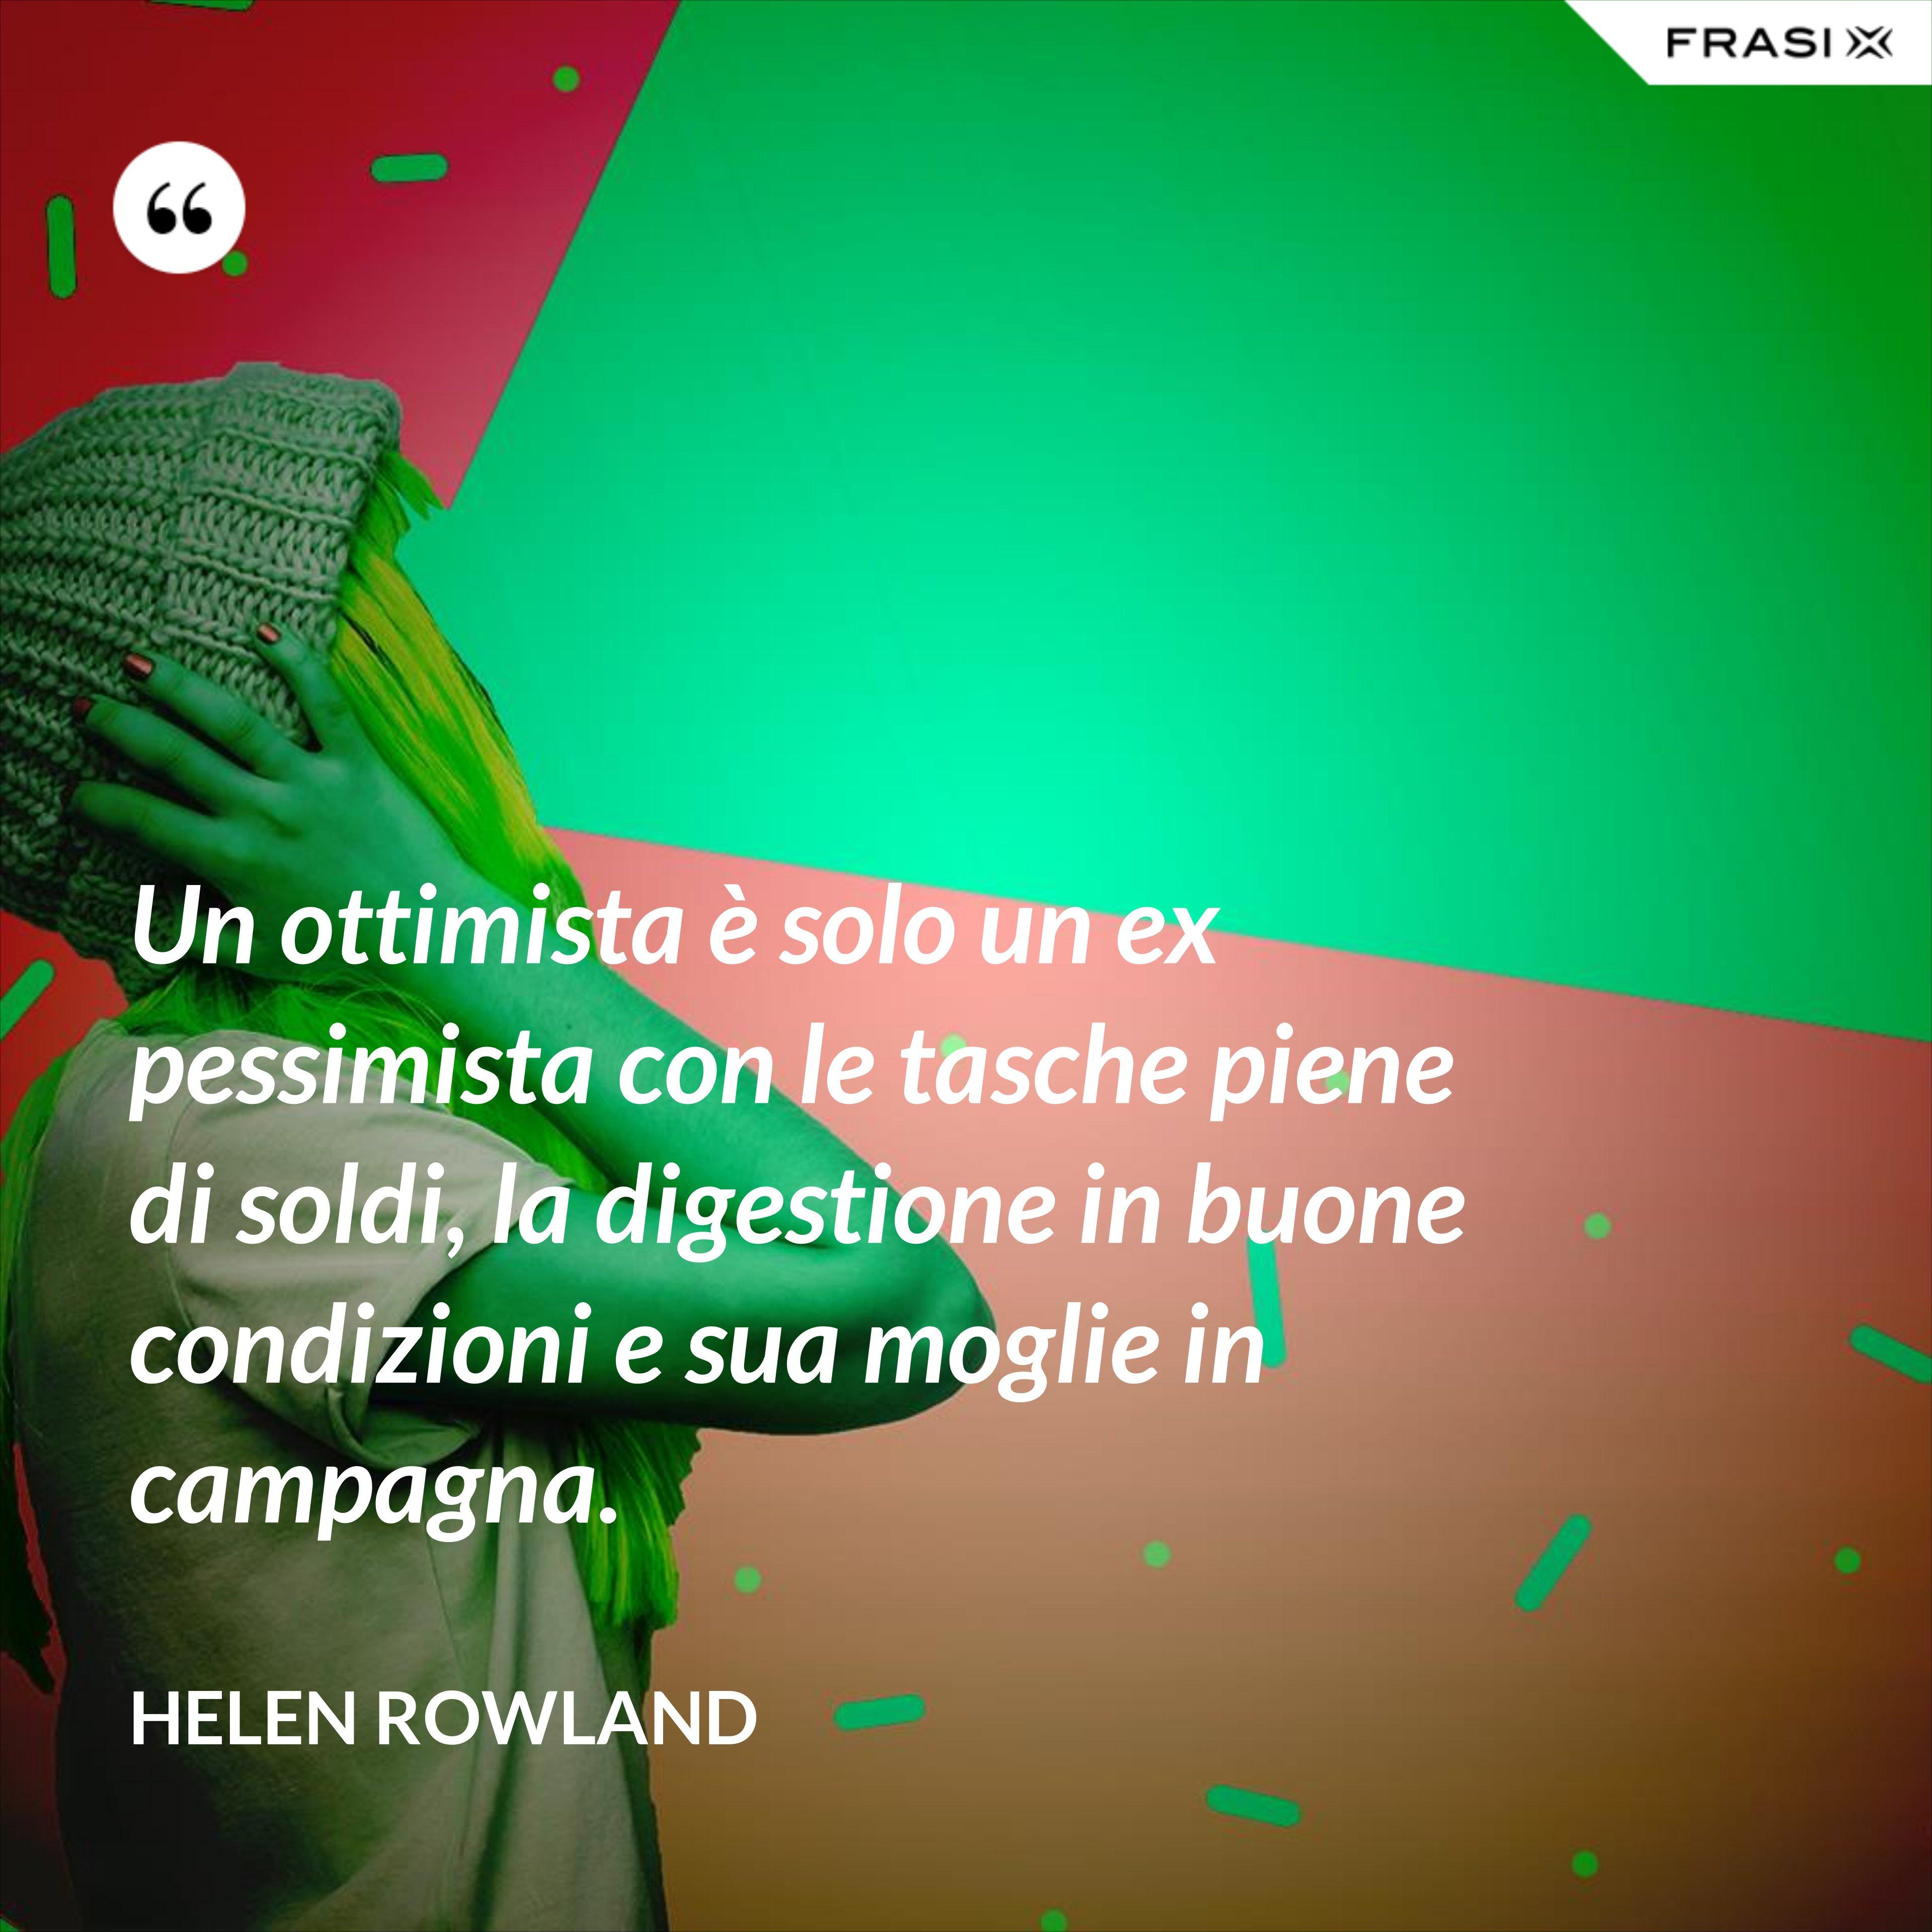 Un ottimista è solo un ex pessimista con le tasche piene di soldi, la digestione in buone condizioni e sua moglie in campagna. - Helen Rowland